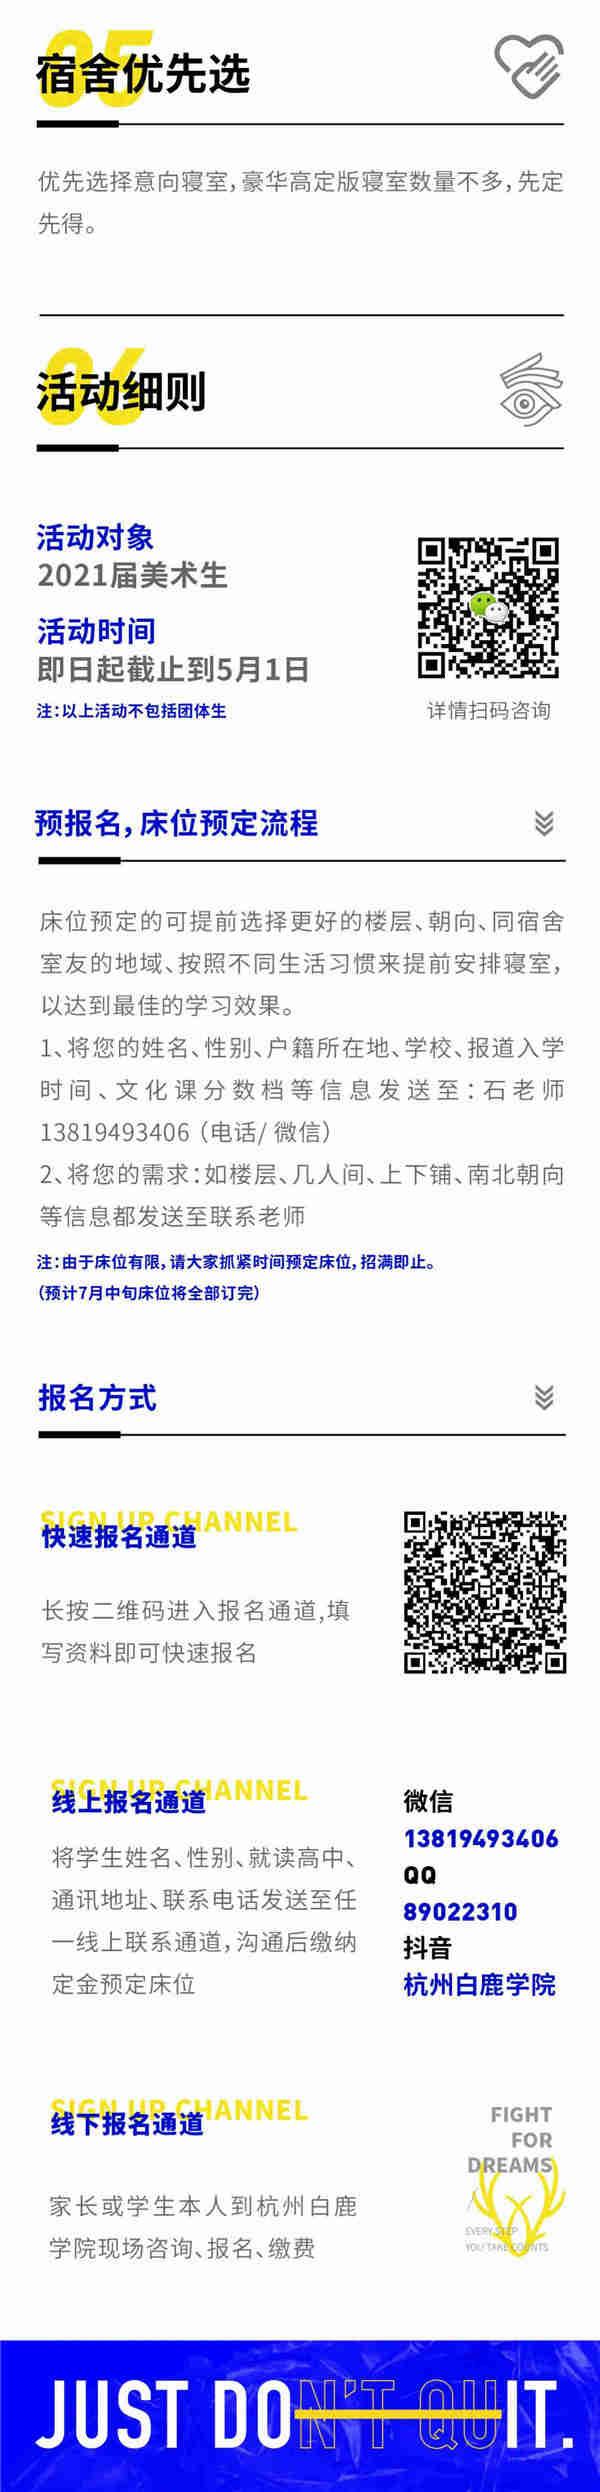 杭州画室,杭州画室招生,杭州美术画室,07